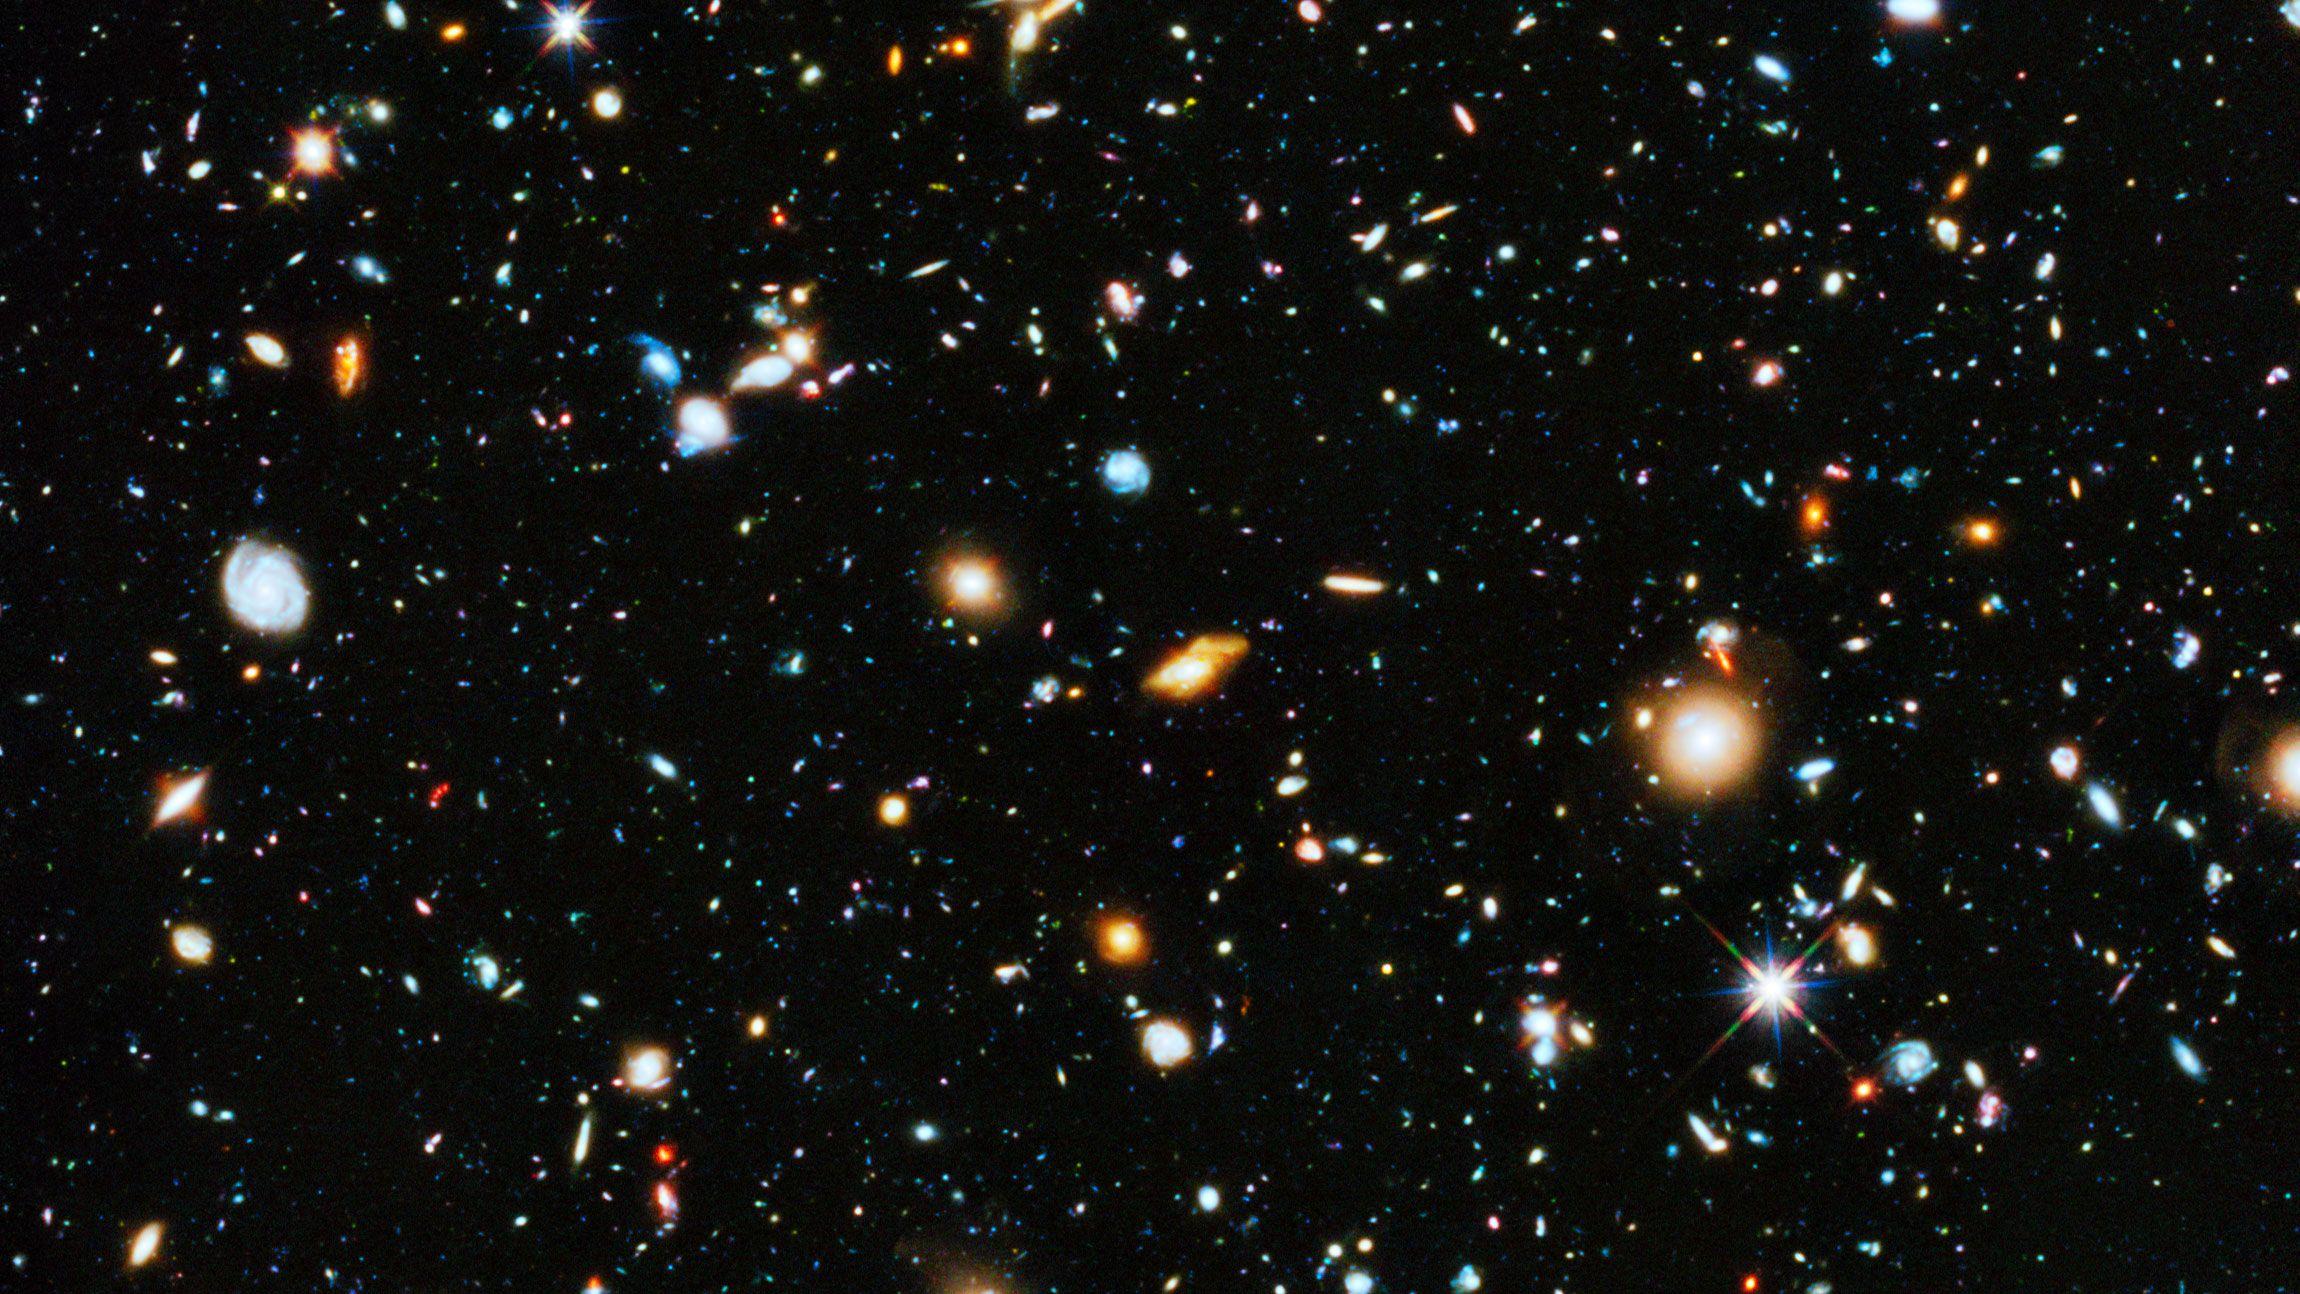 2次元宇宙で生命は存在するか? 米物理学者が示した意外な可能性